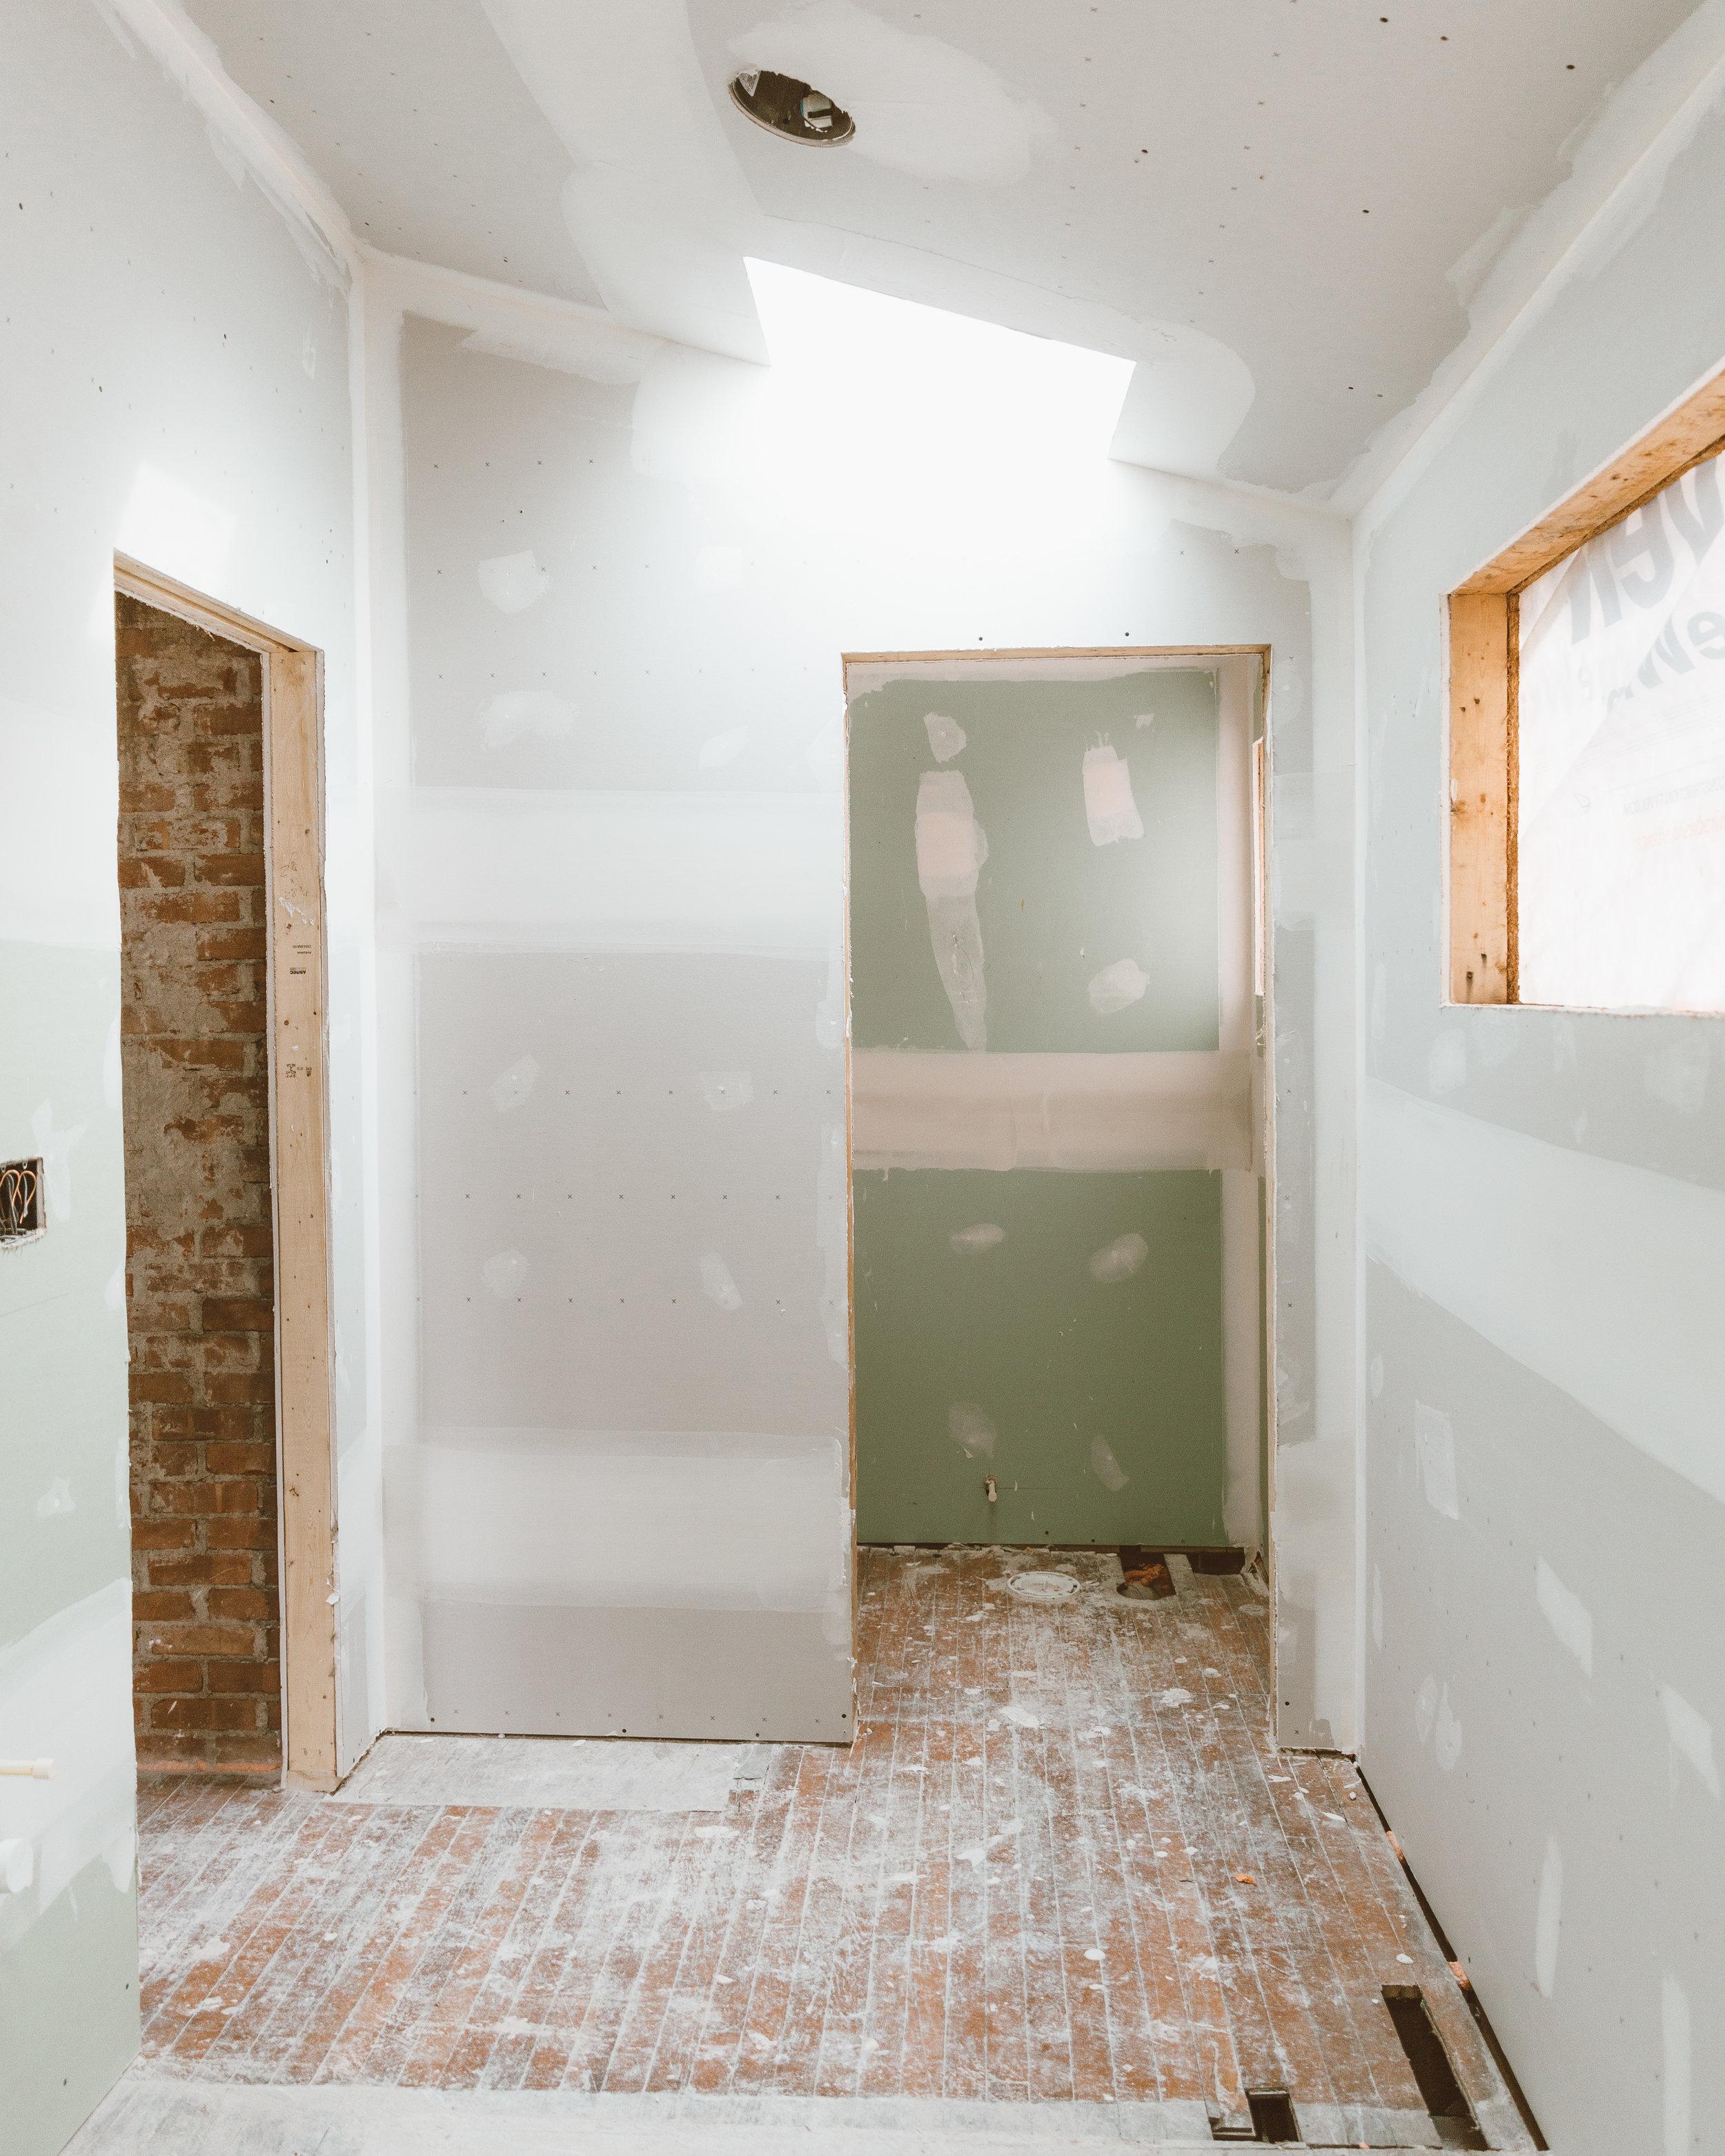 forthehome-renovation-drywall0012.jpeg